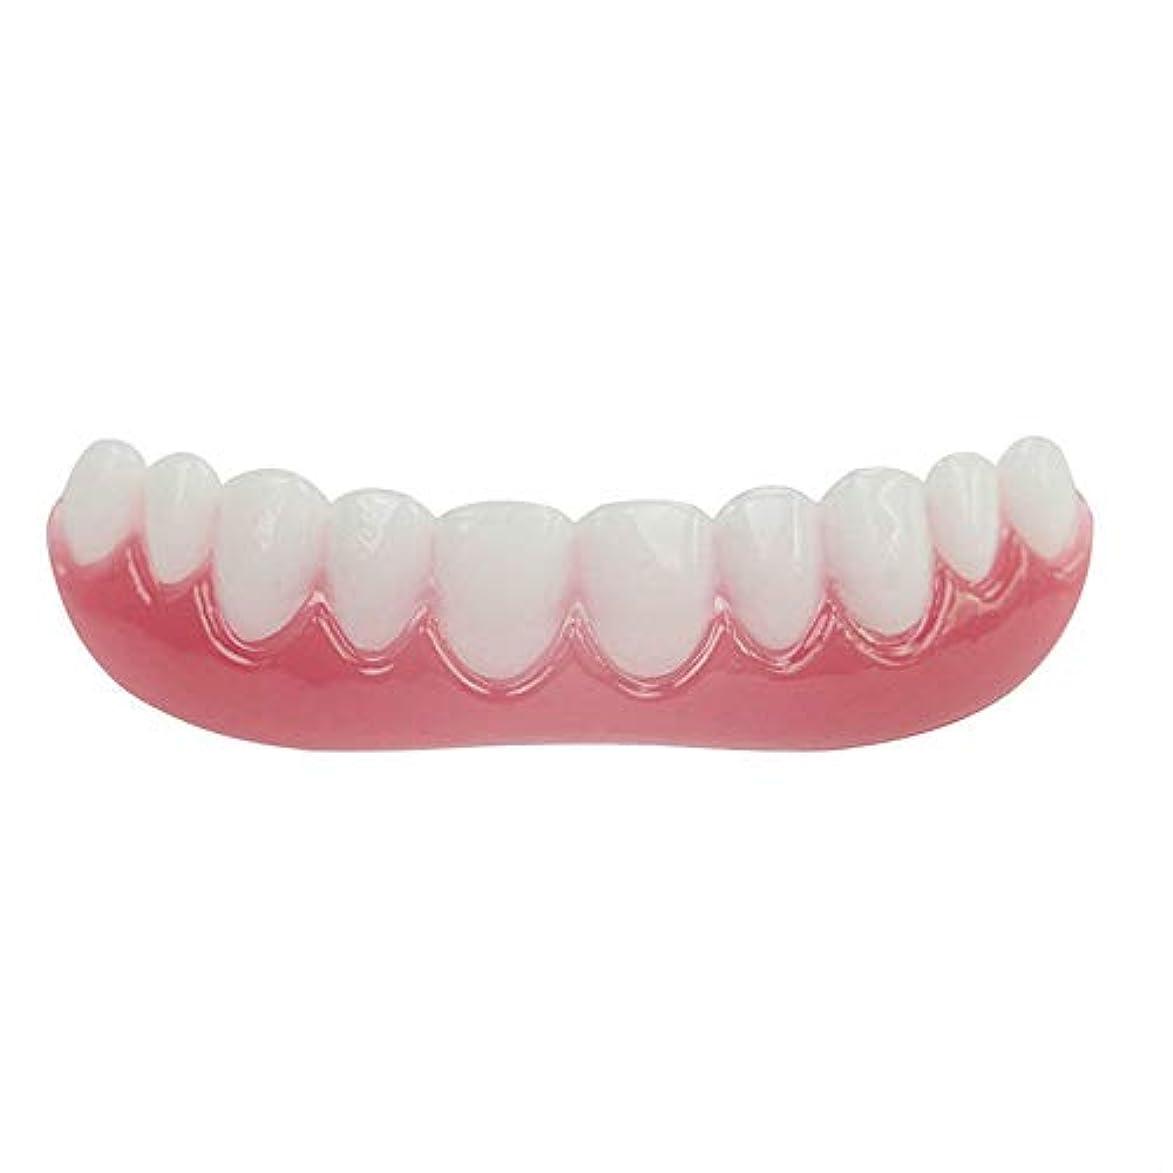 ピンチバンガロー滞在シリコーンシミュレーション義歯、歯科用ベニヤホワイトトゥースセット(3個),Colorbox,Lower